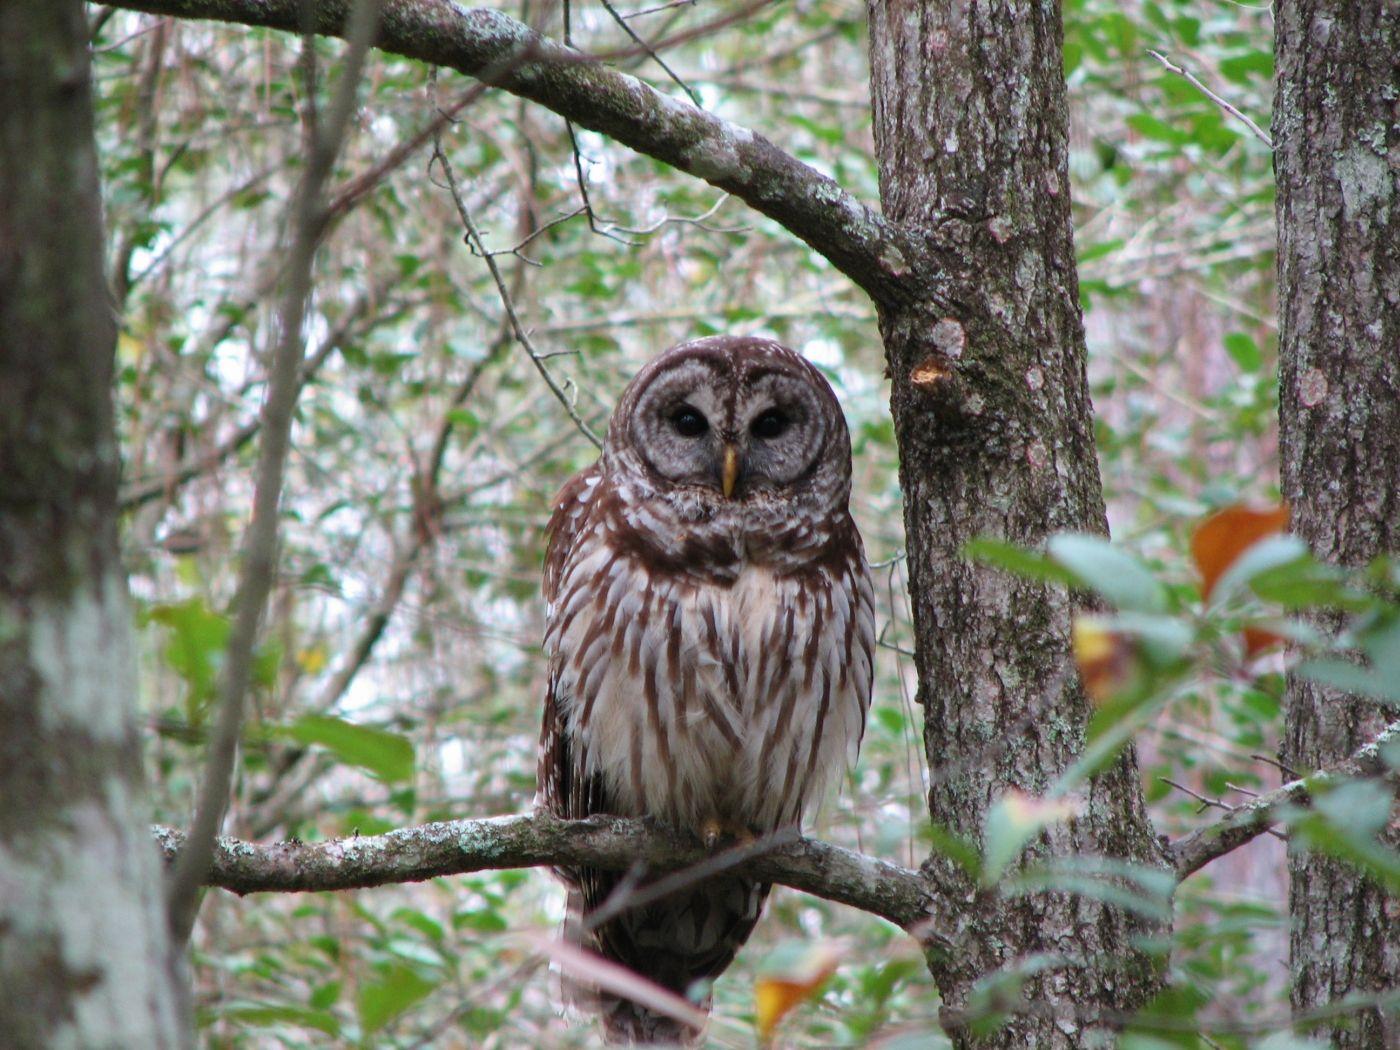 Barred_Owl2_3.jpg